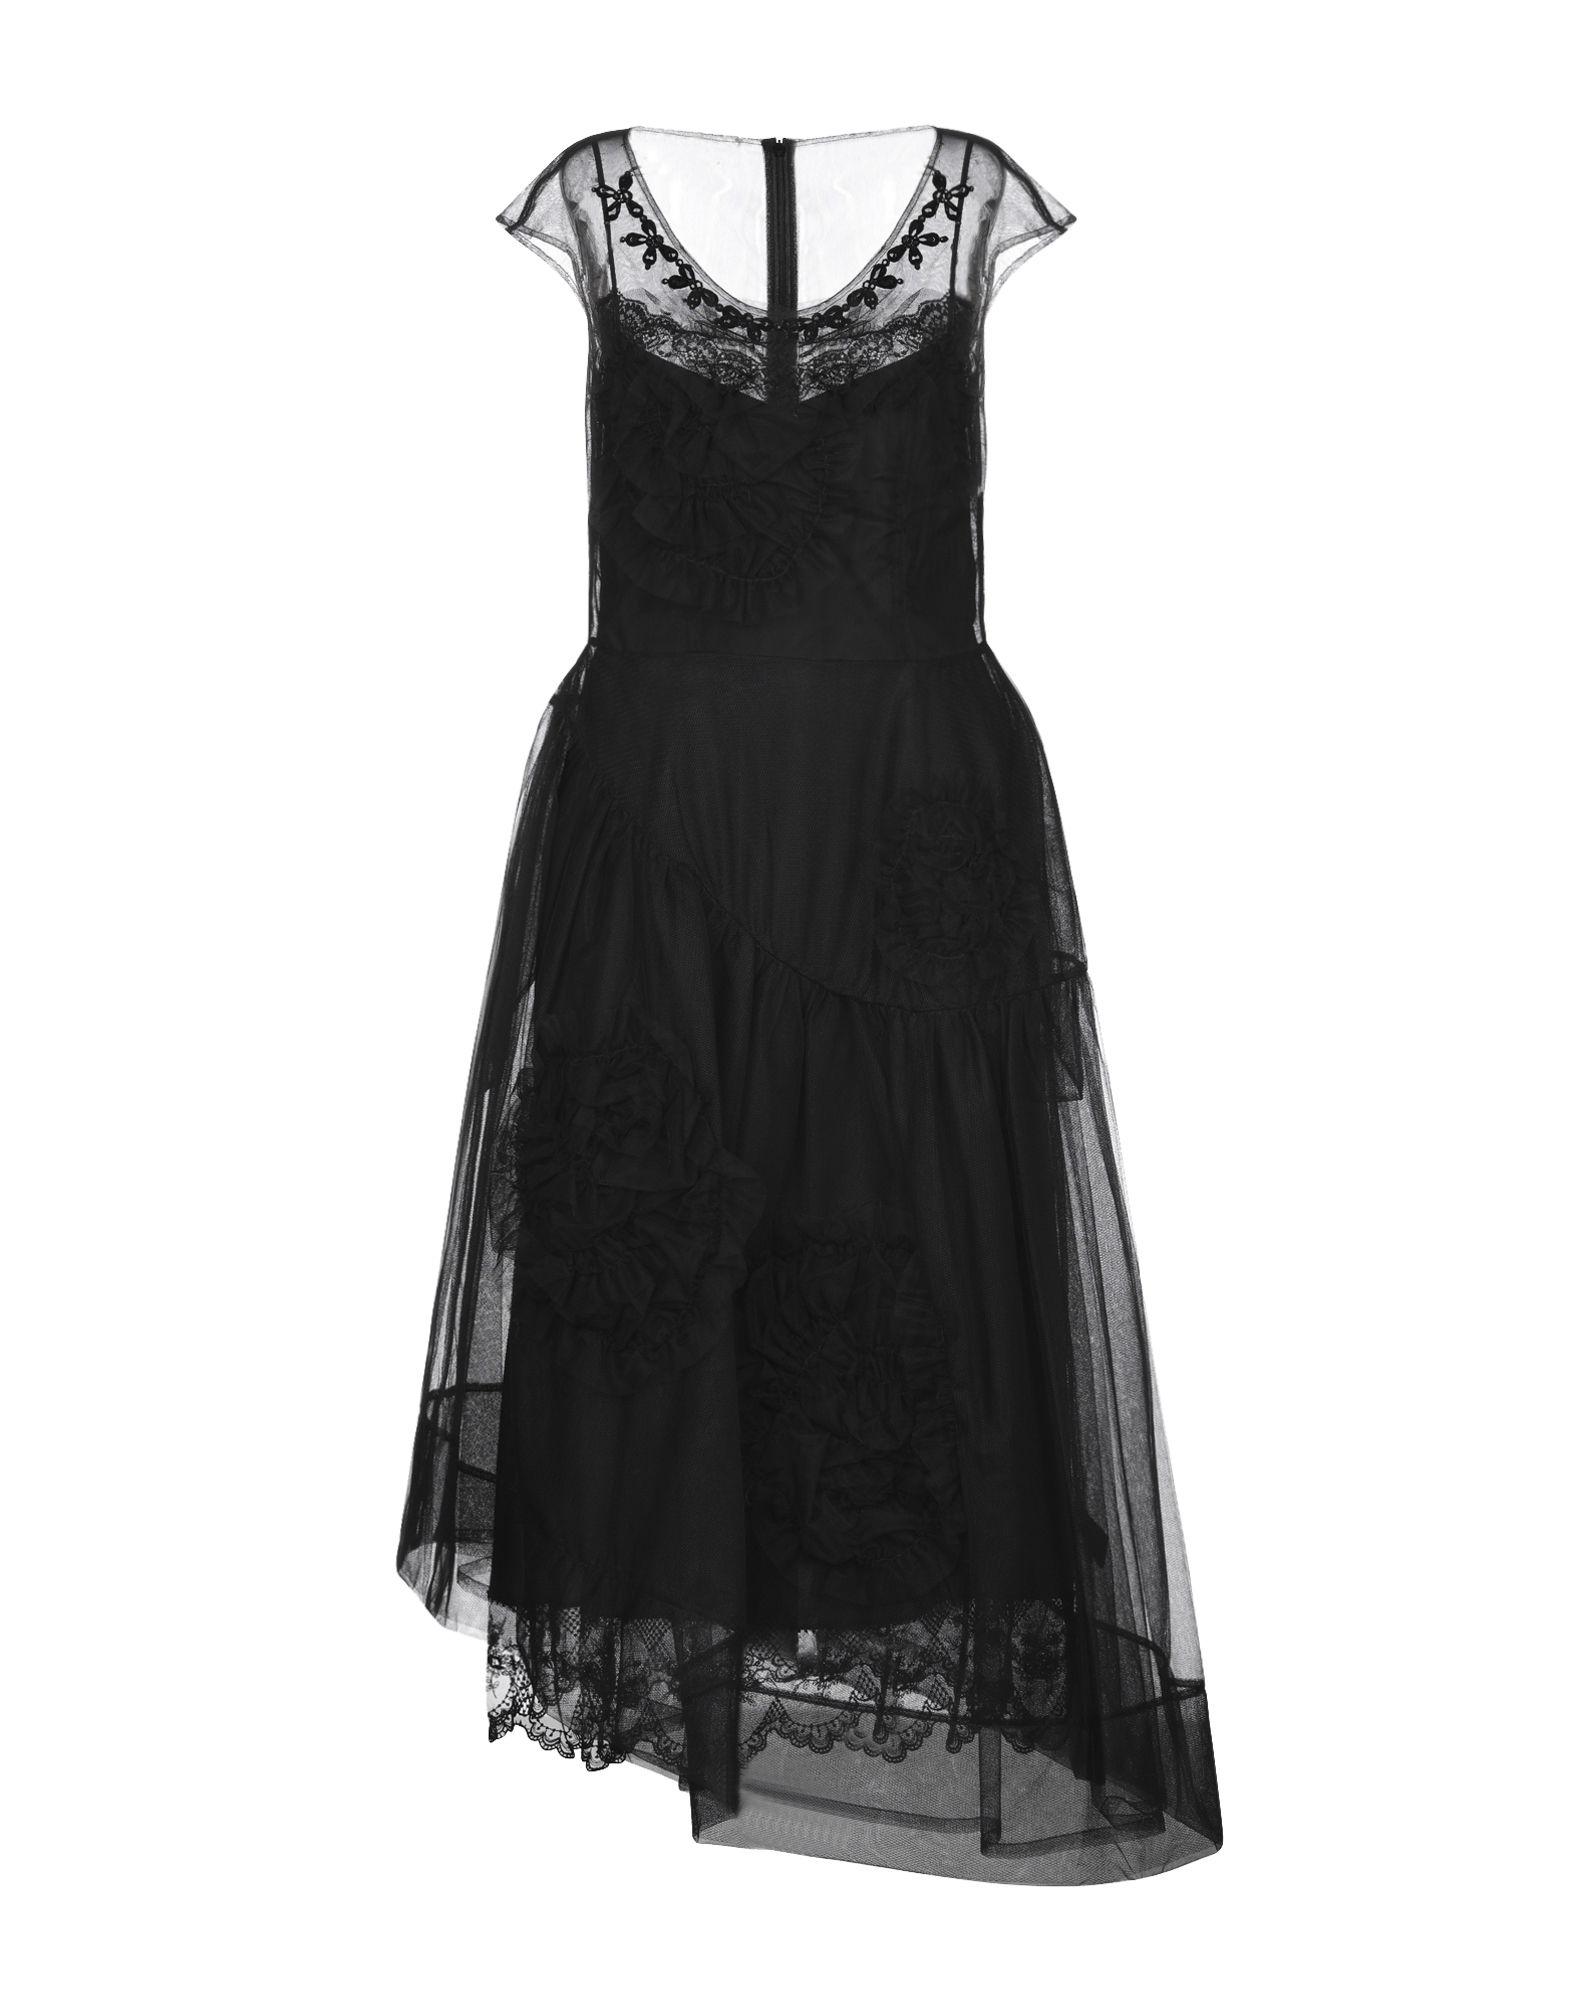 simone rocha x j brand короткое платье SIMONE ROCHA Платье длиной 3/4